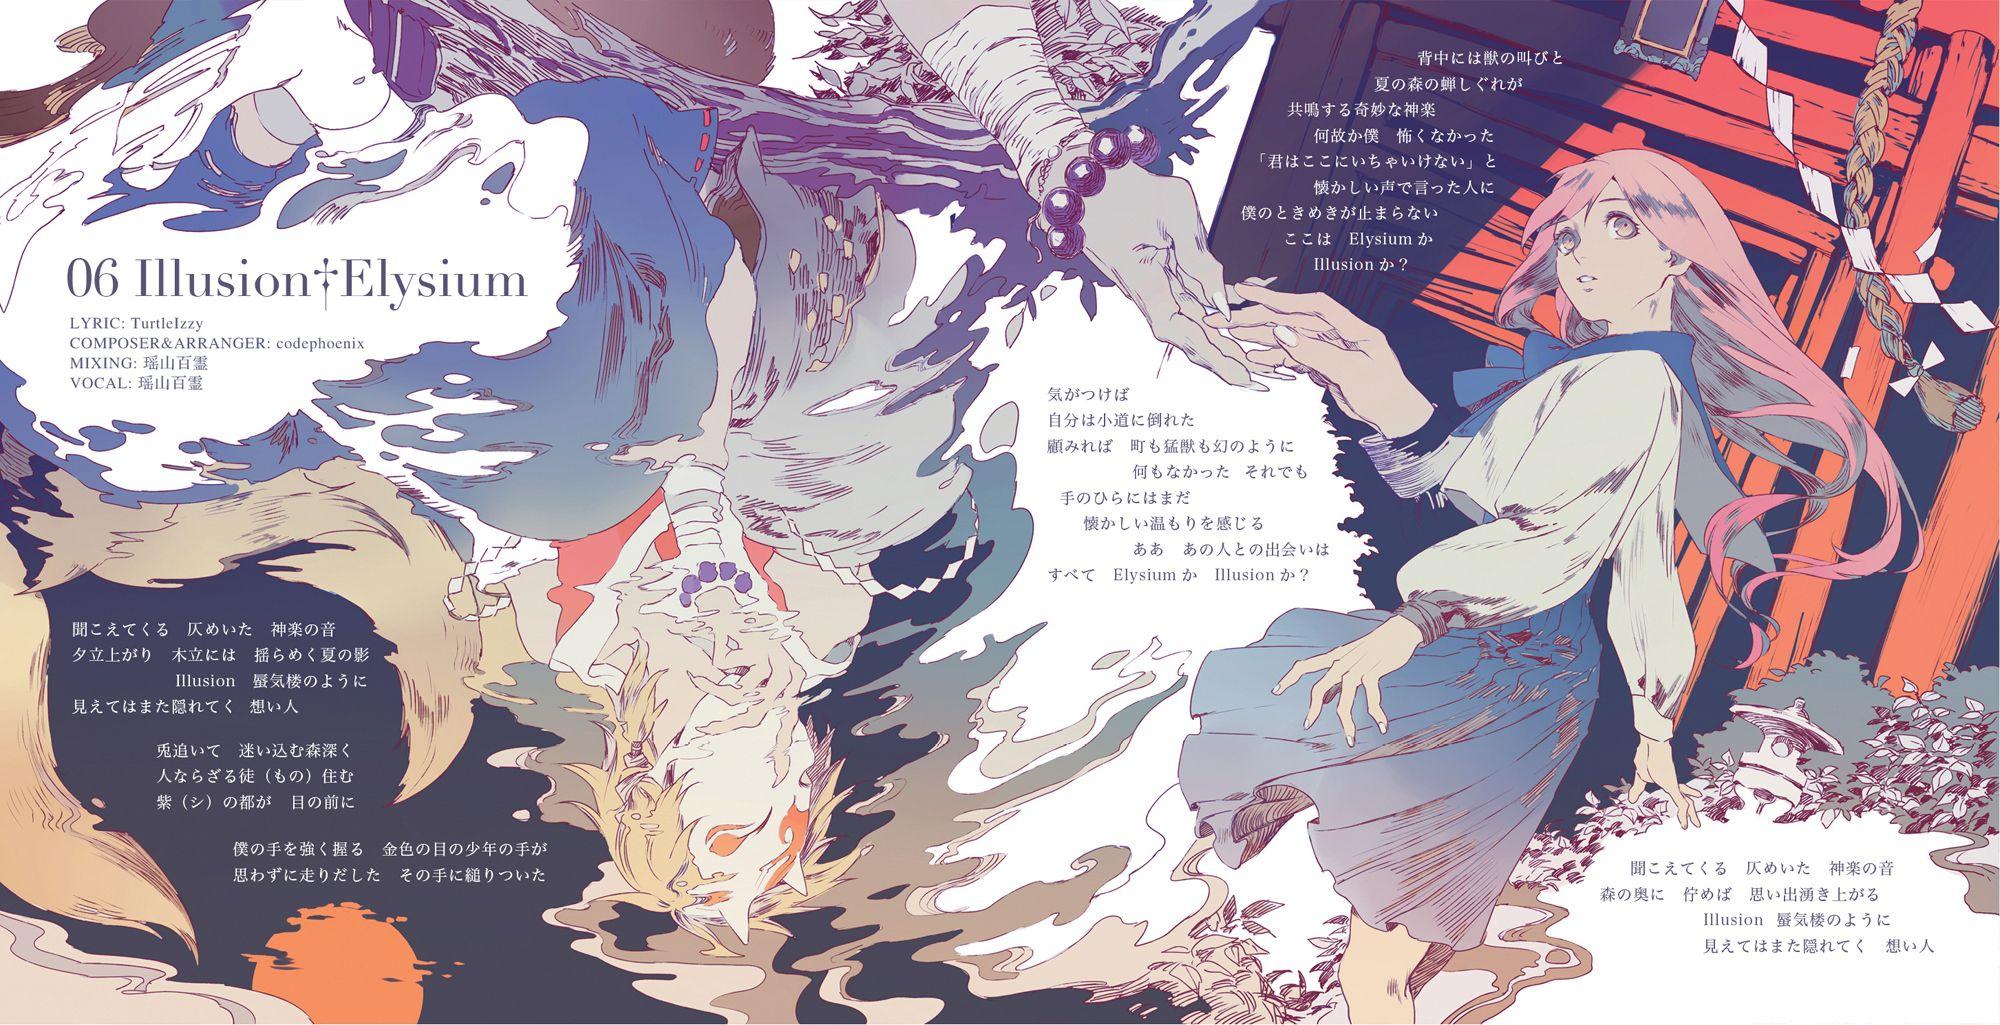 世界千年物語 零 通販始めた の漫画 pixiv イラスト ポートフォリオ イラスト ビジュアルアート